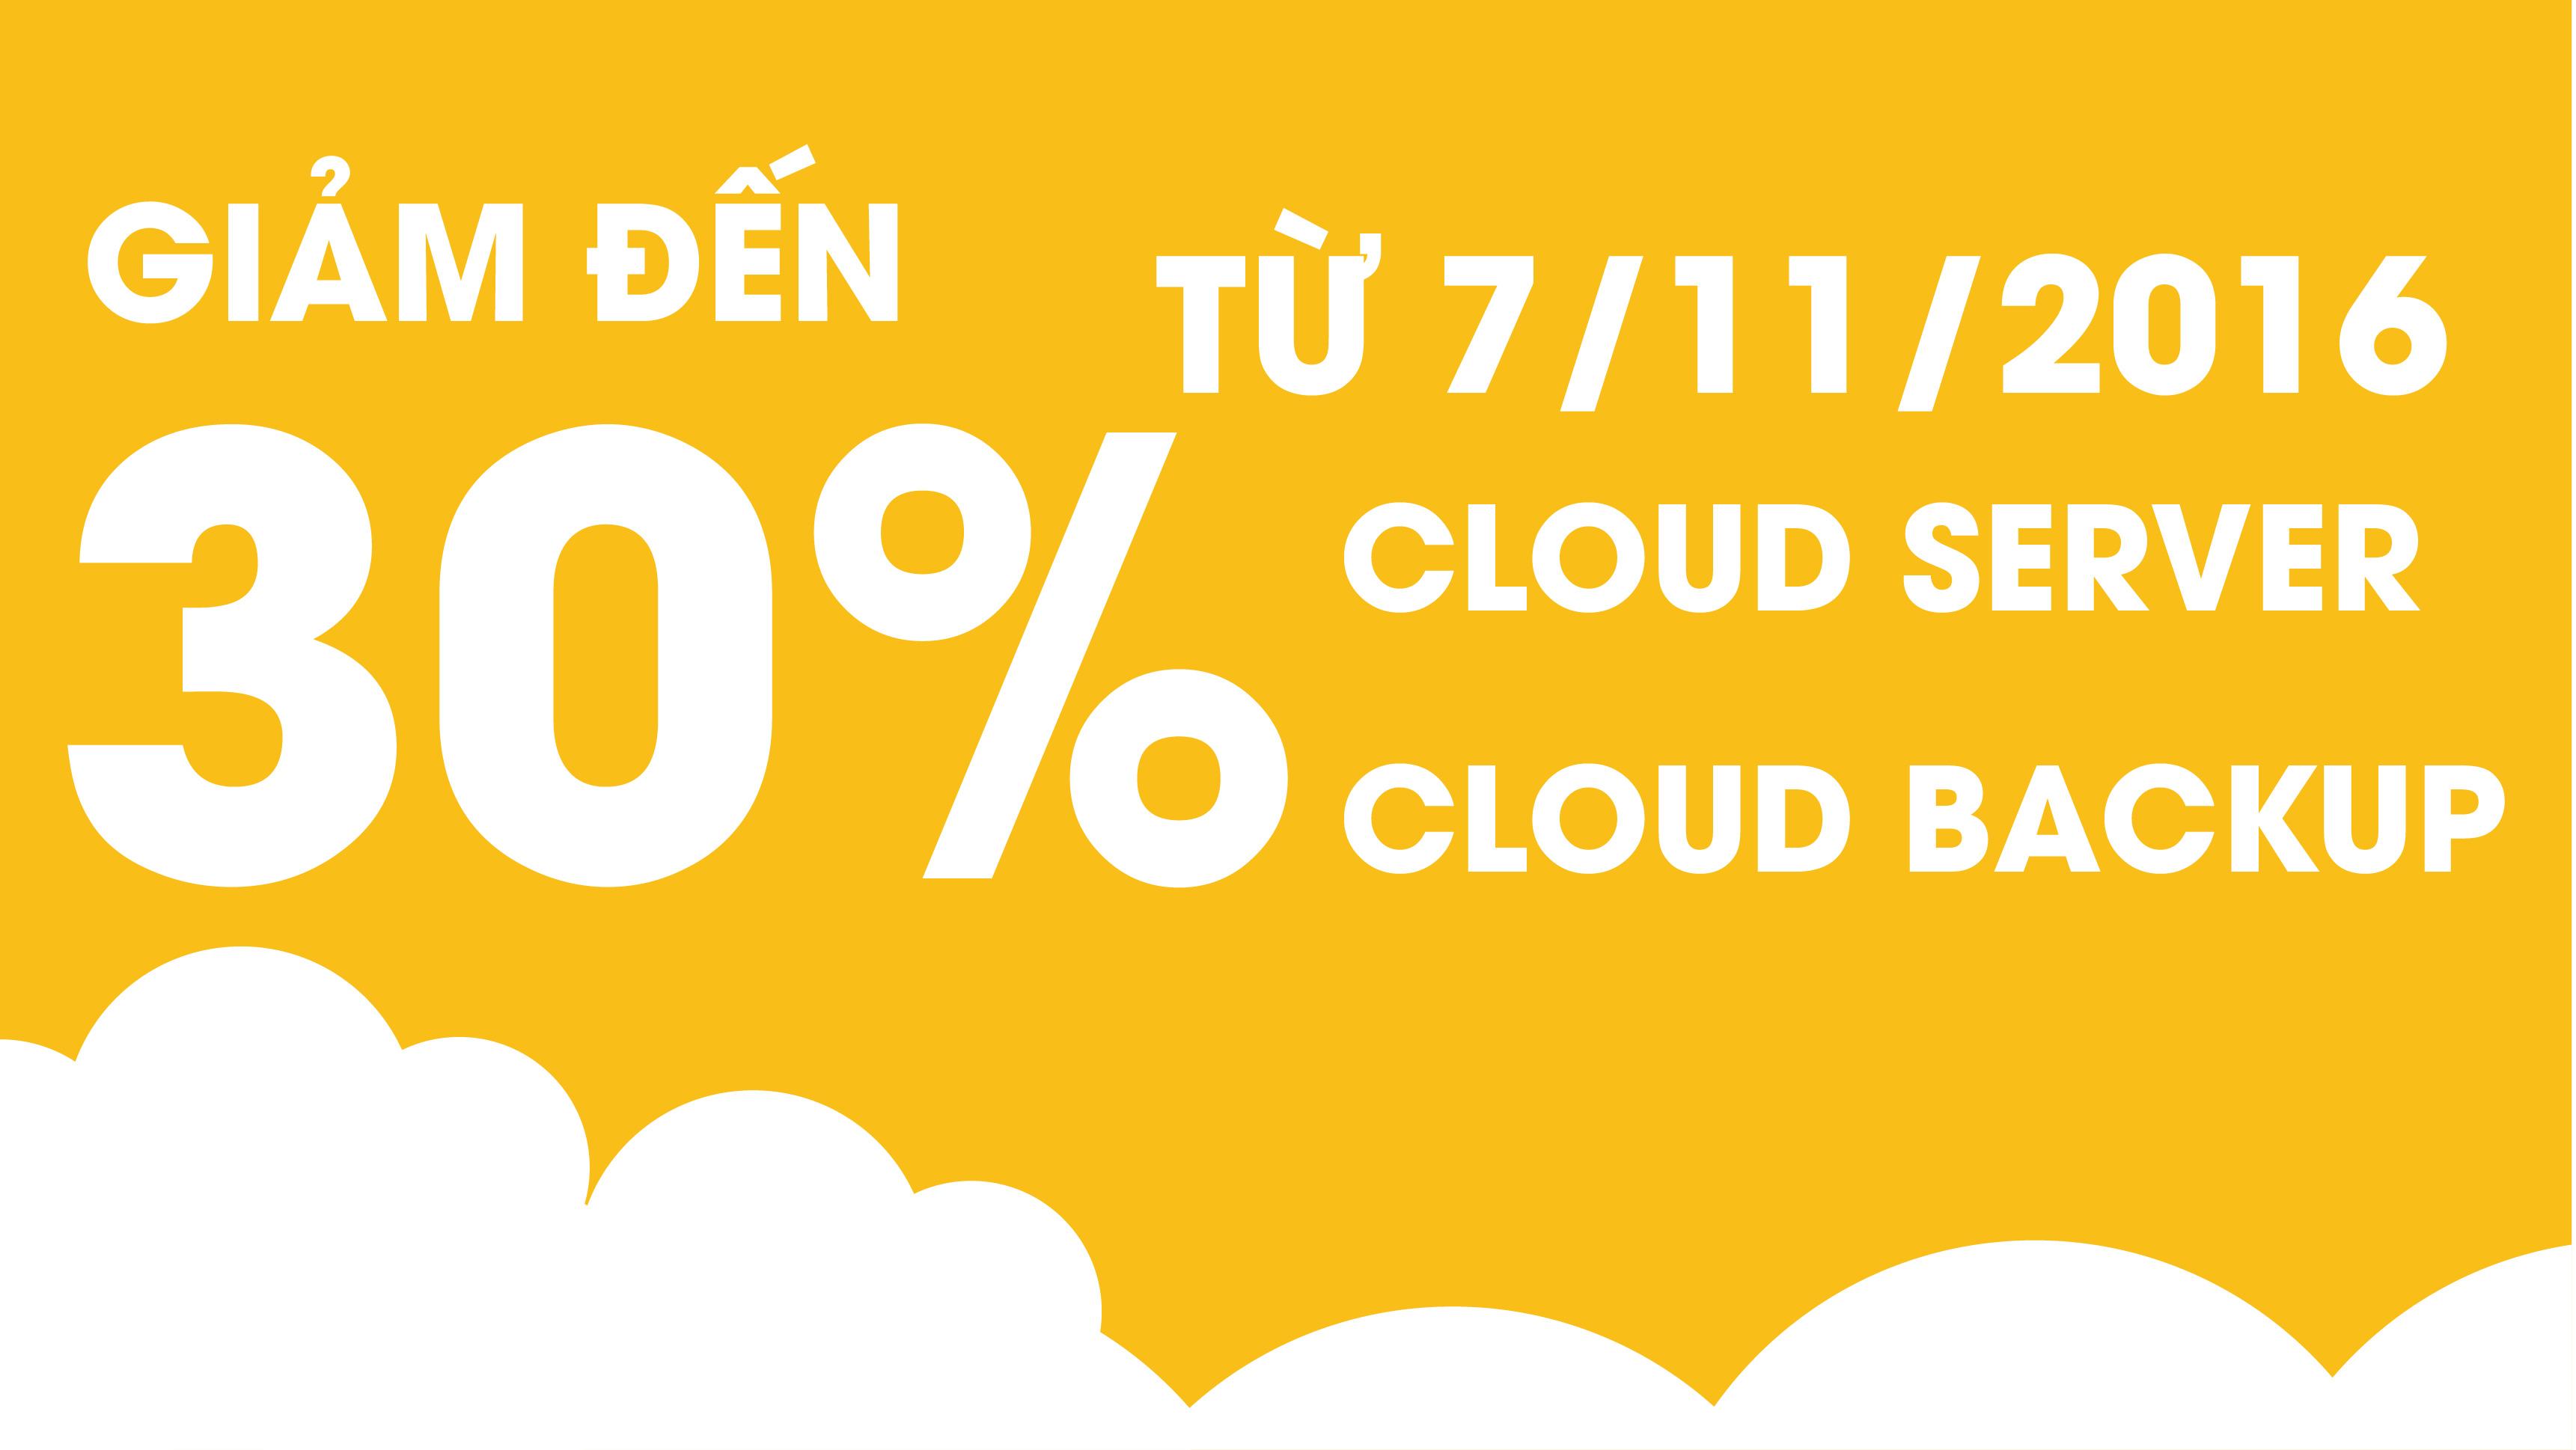 Khuyến mãi lớn, mừng ra mắt dịch vụ Cloud Backup